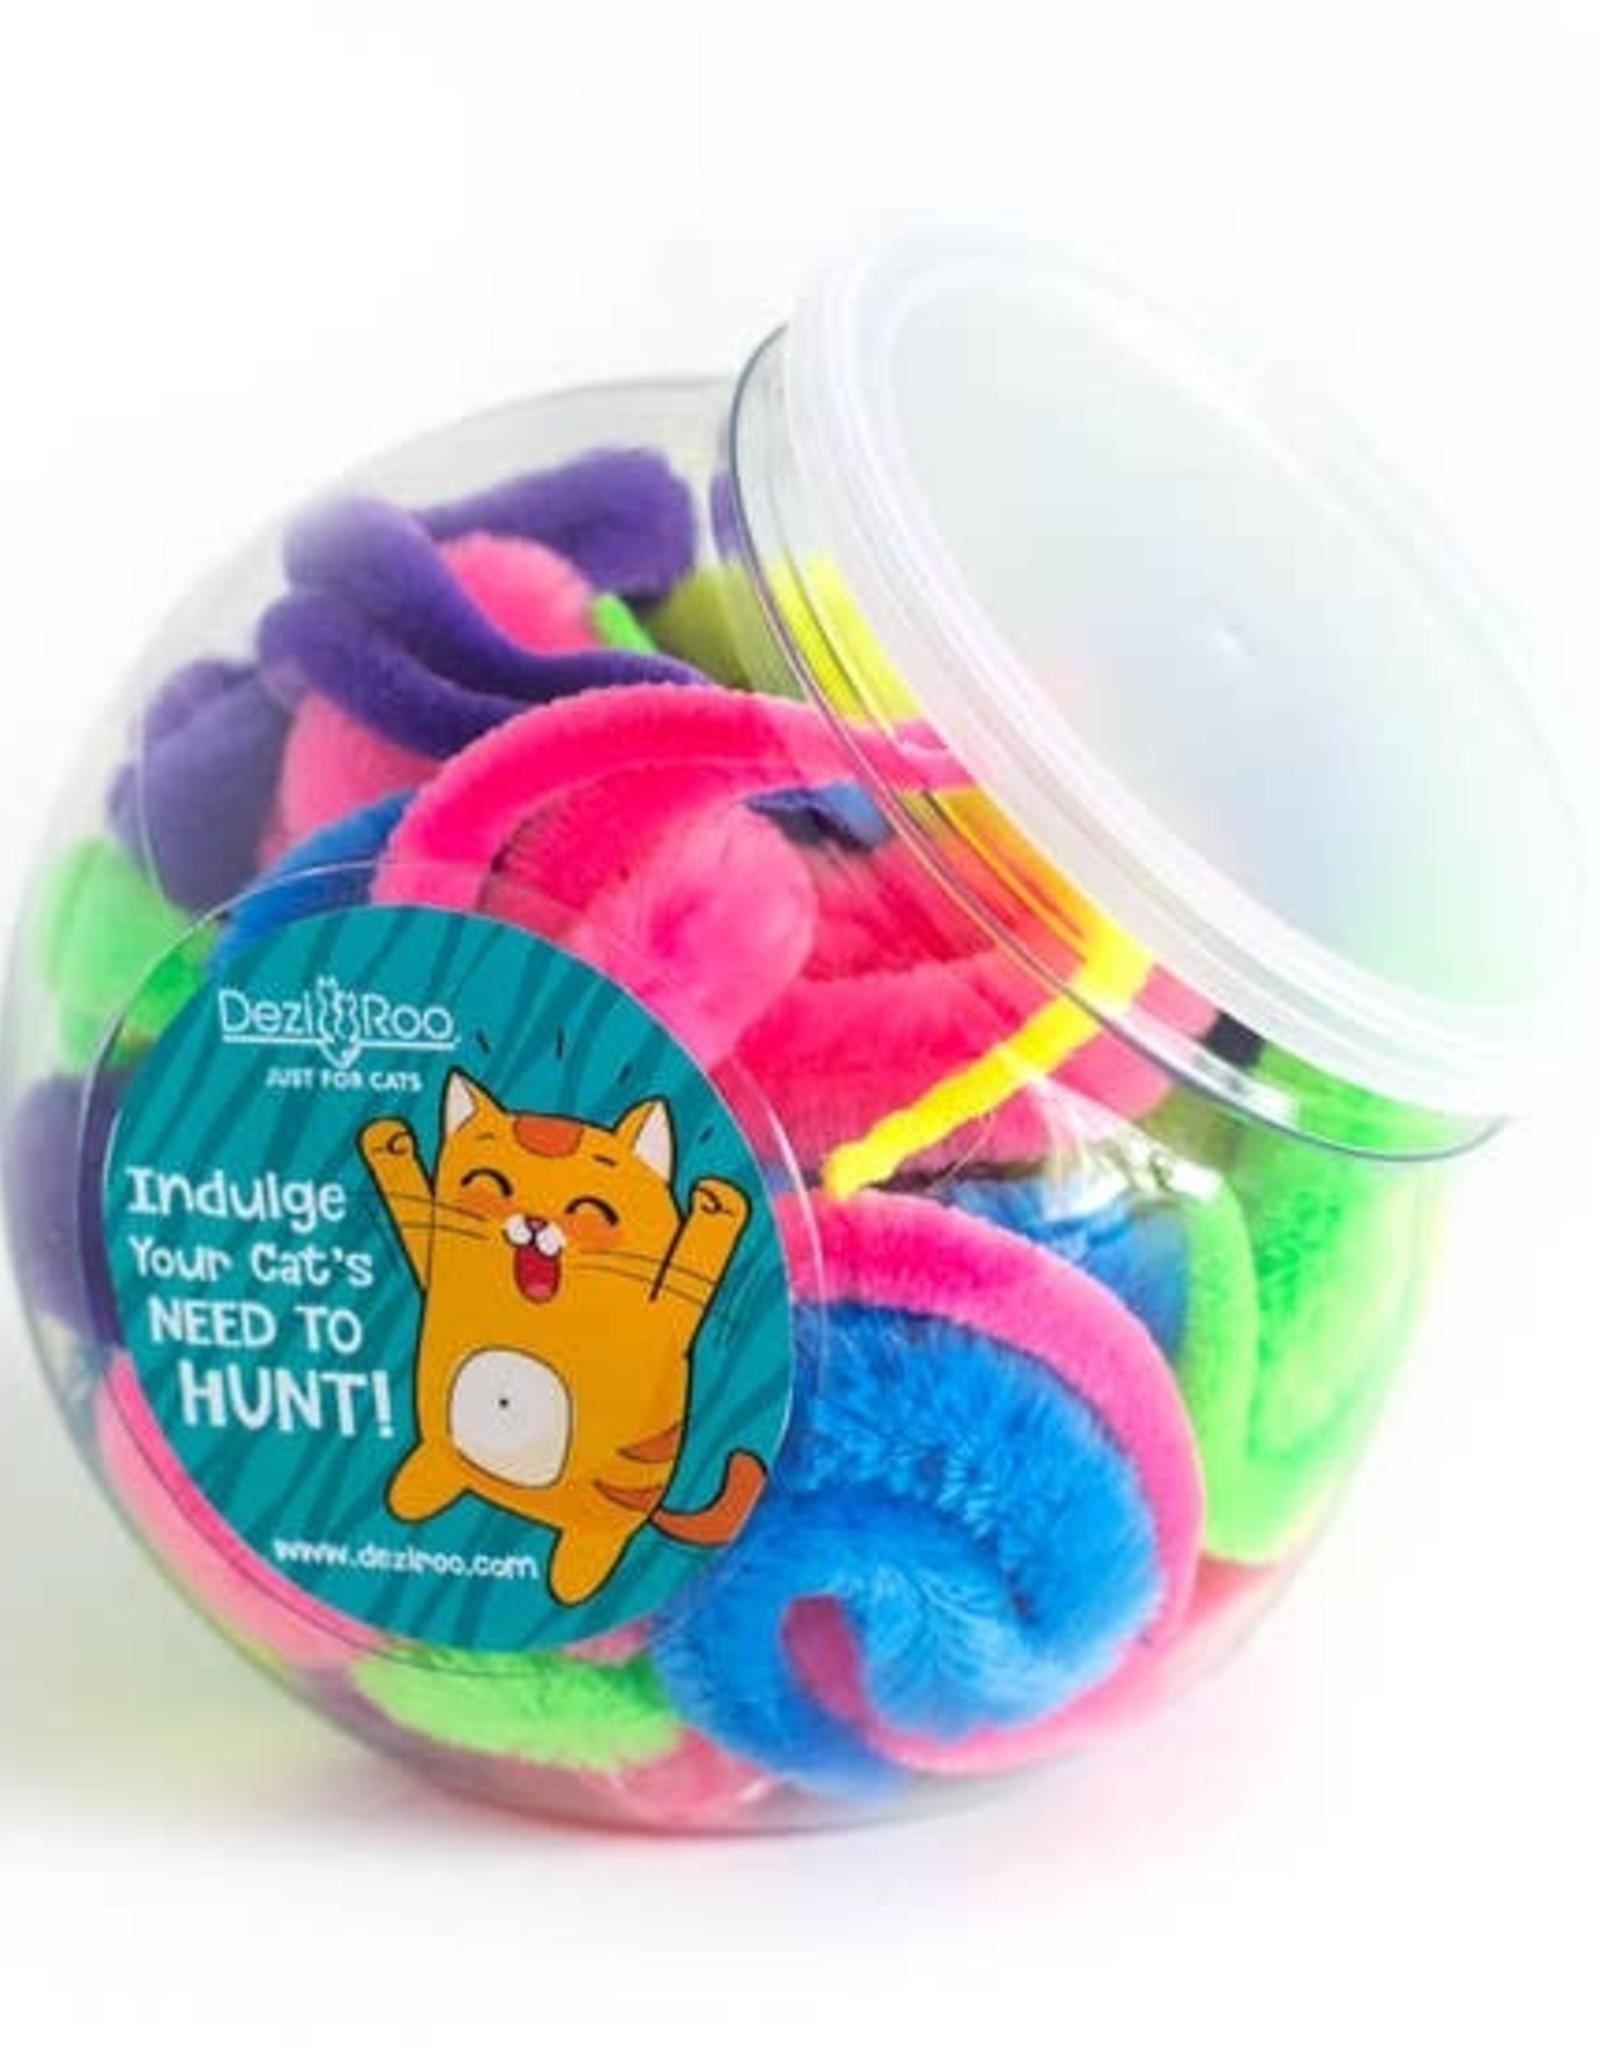 Dezi & Roo Wiggly Worm Glow Ball